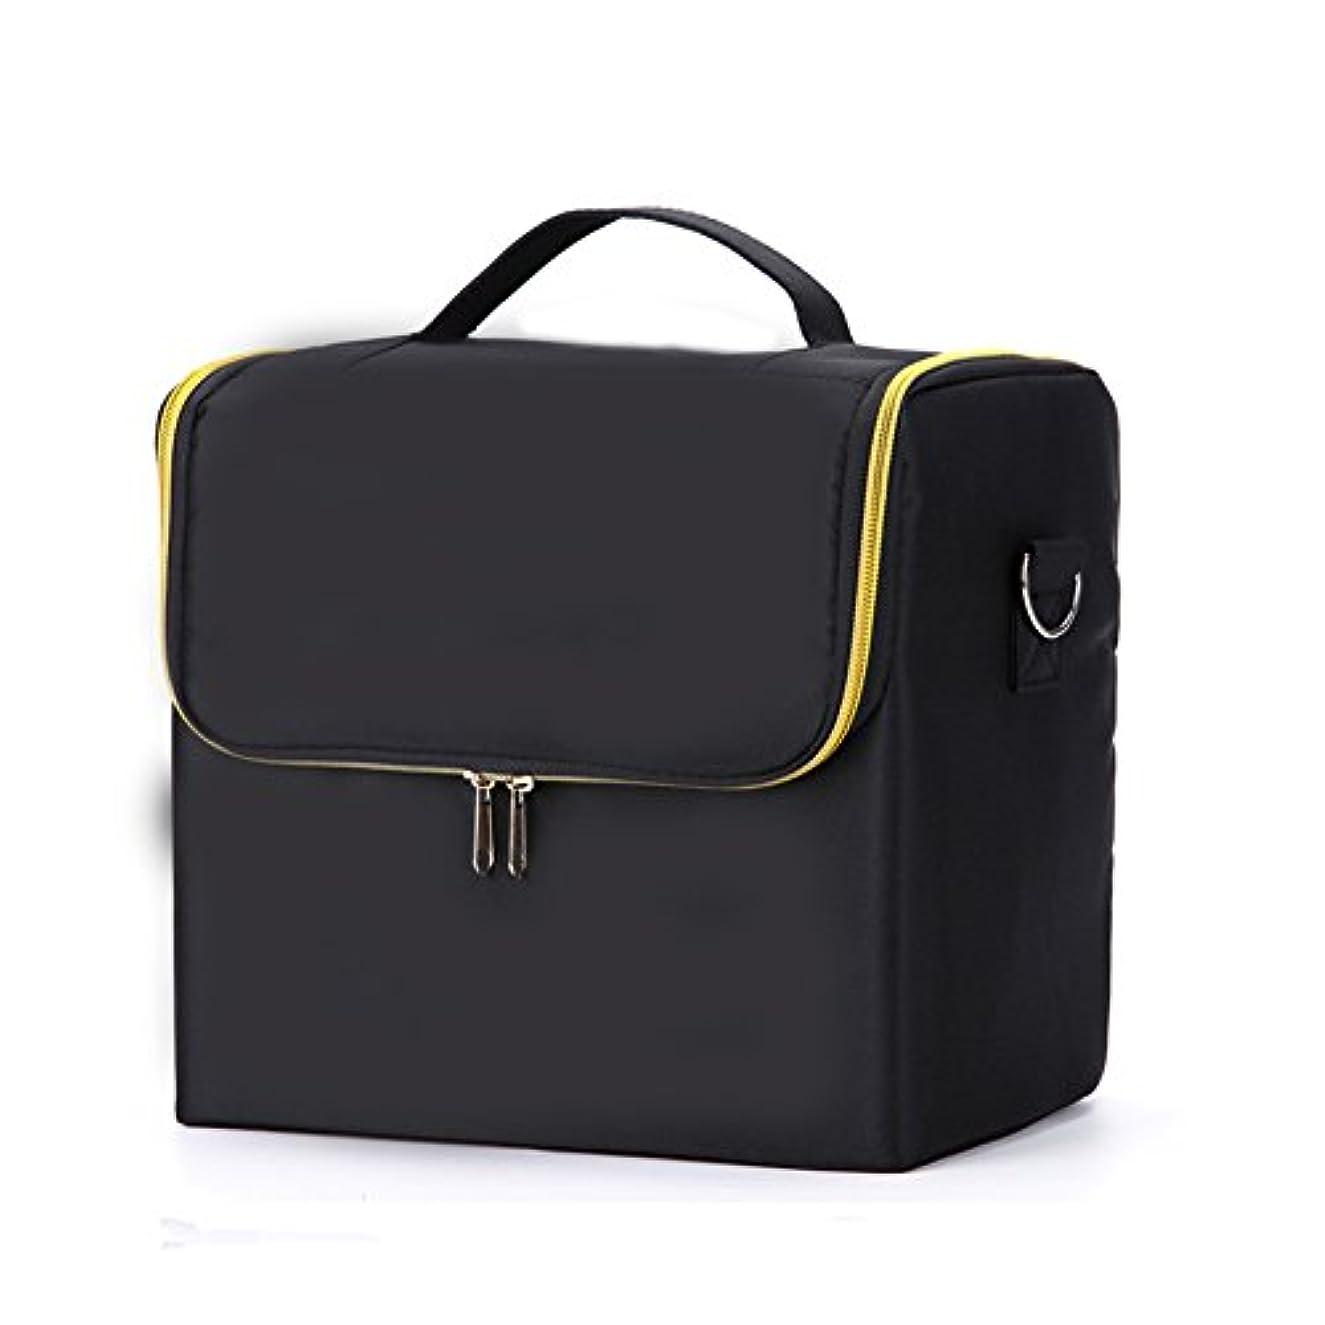 先駆者考慮スリーブSIRIN メイクボックス コスメボックス 大容量 化粧品収納ボックス 収納ケース 小物入れ 大容量 取っ手付 4段階 4色 (ブラックⅡ)